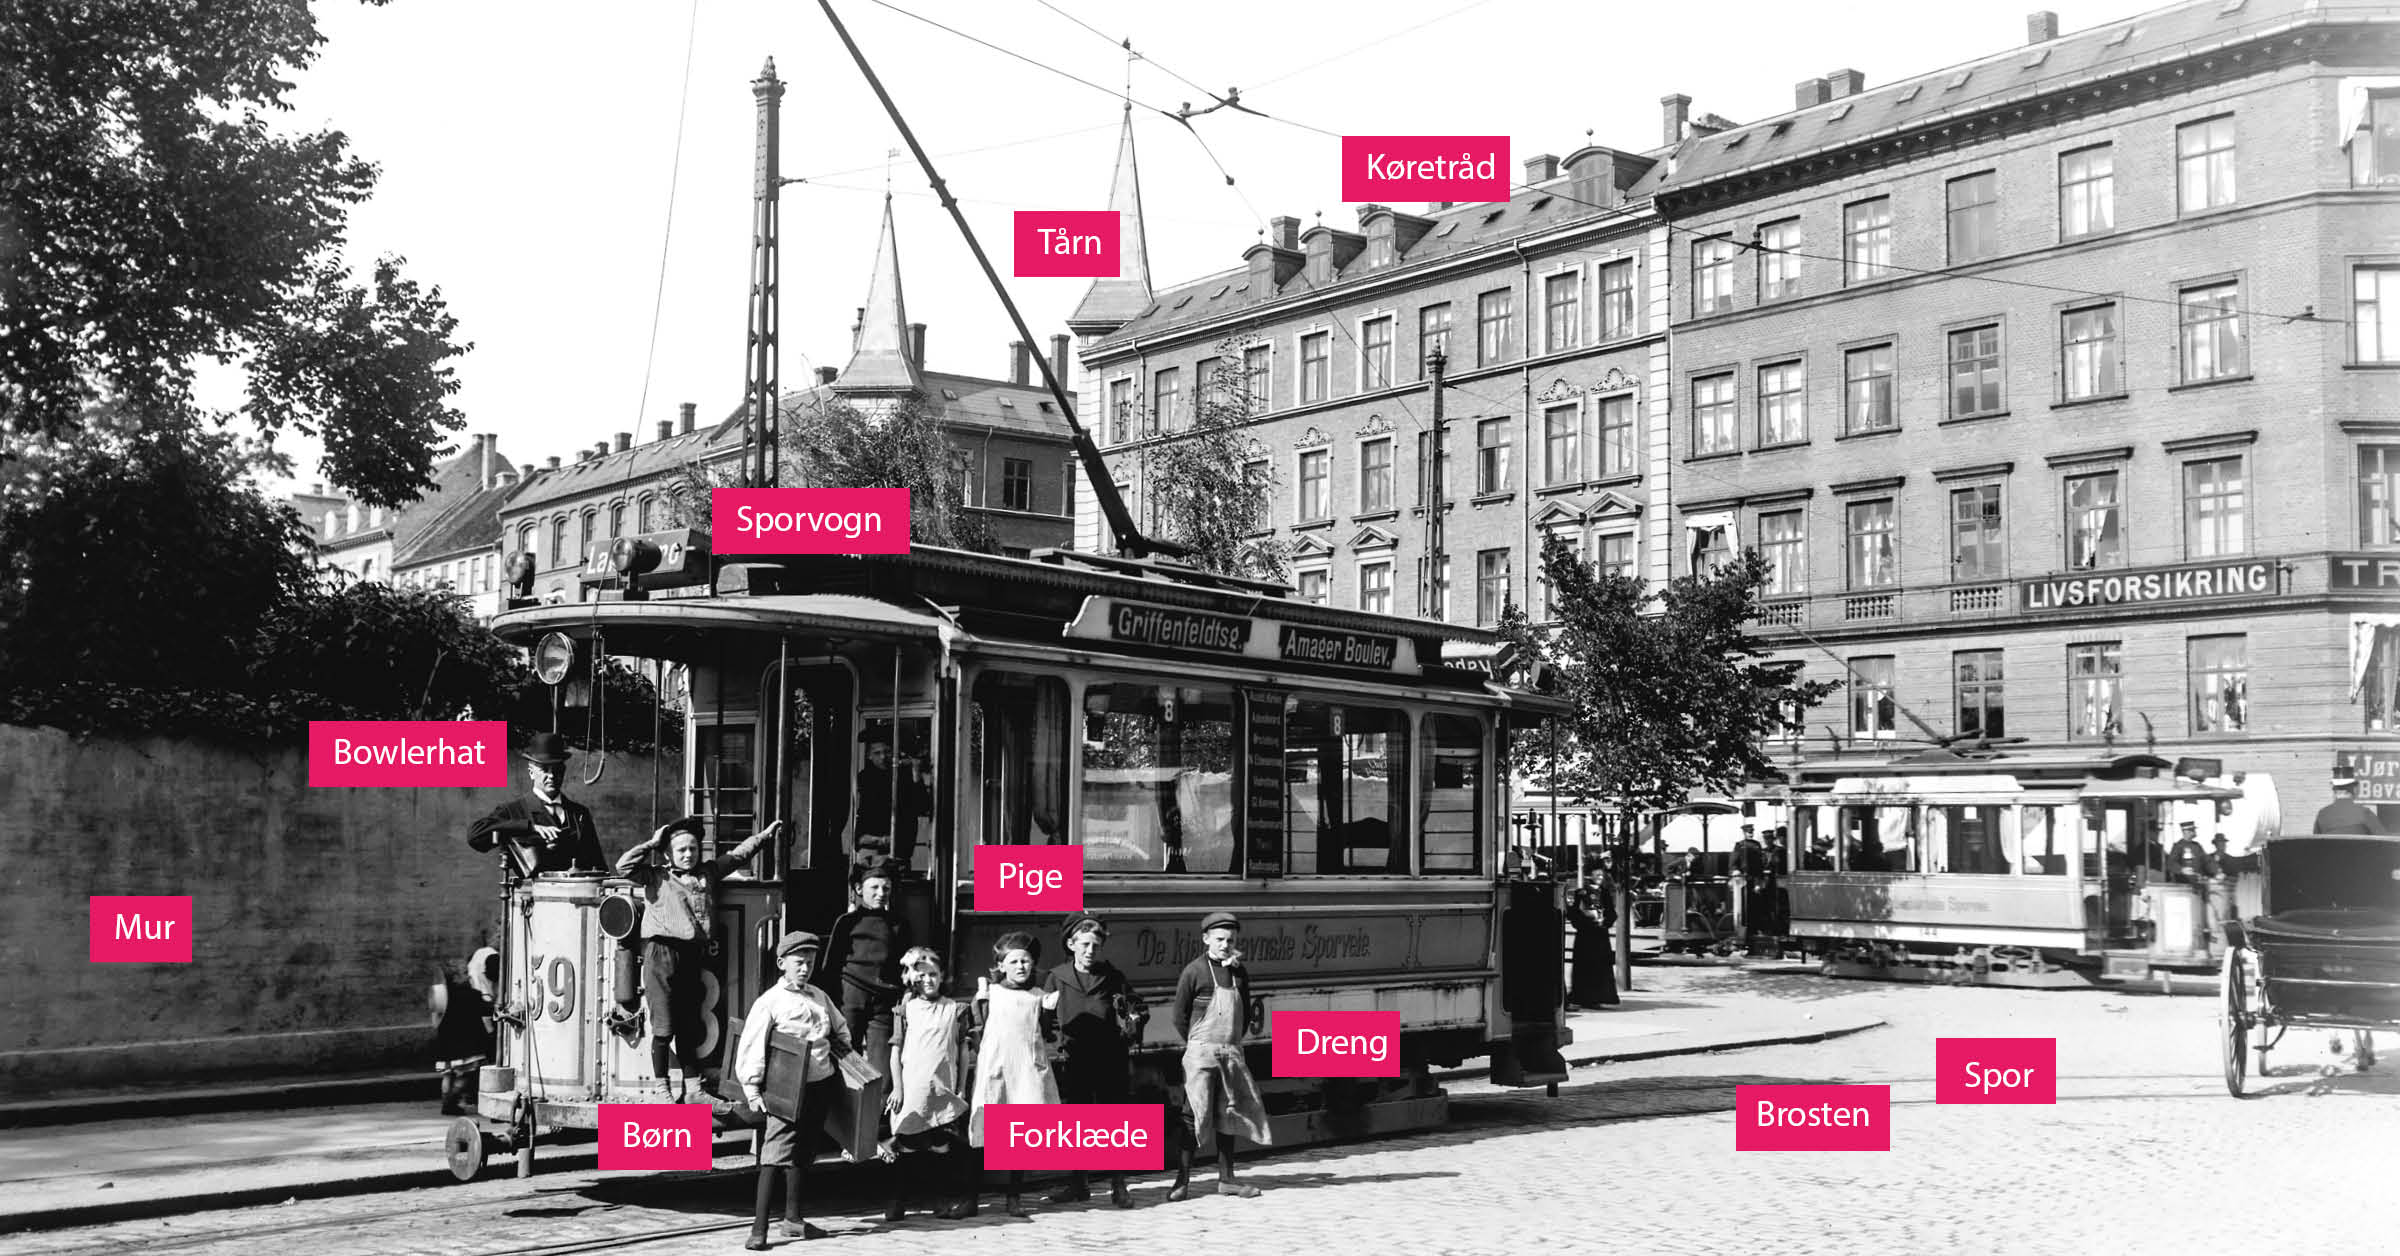 Det er muligt at zoome ind på alle kortene på kbhbilleder.dk og fordybe sig i mange spændende detaljer. Her er det kort over valgkredse i København i ca. 1900.